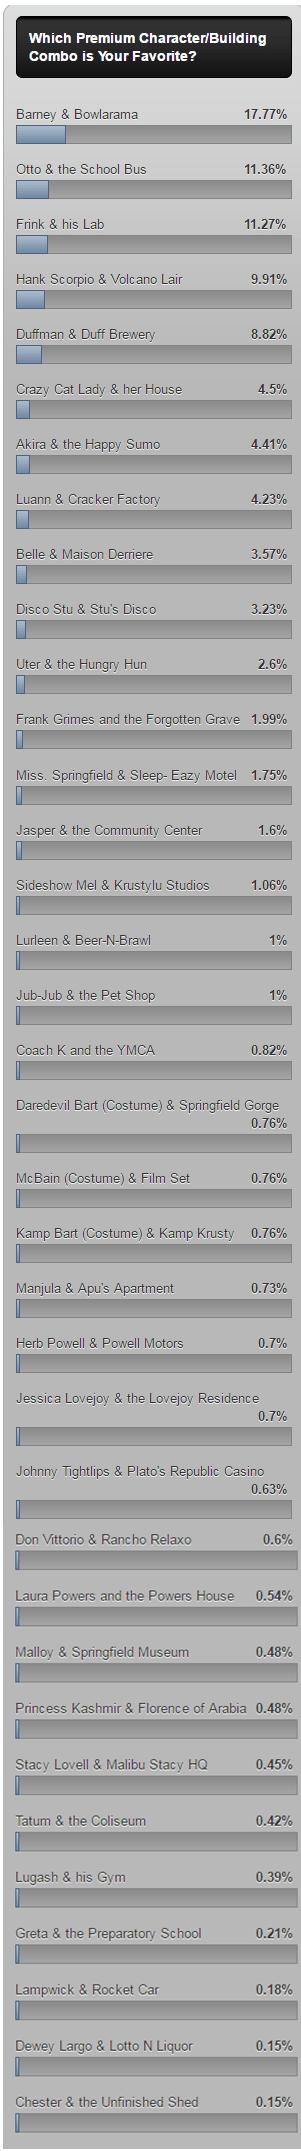 premiumpoll results